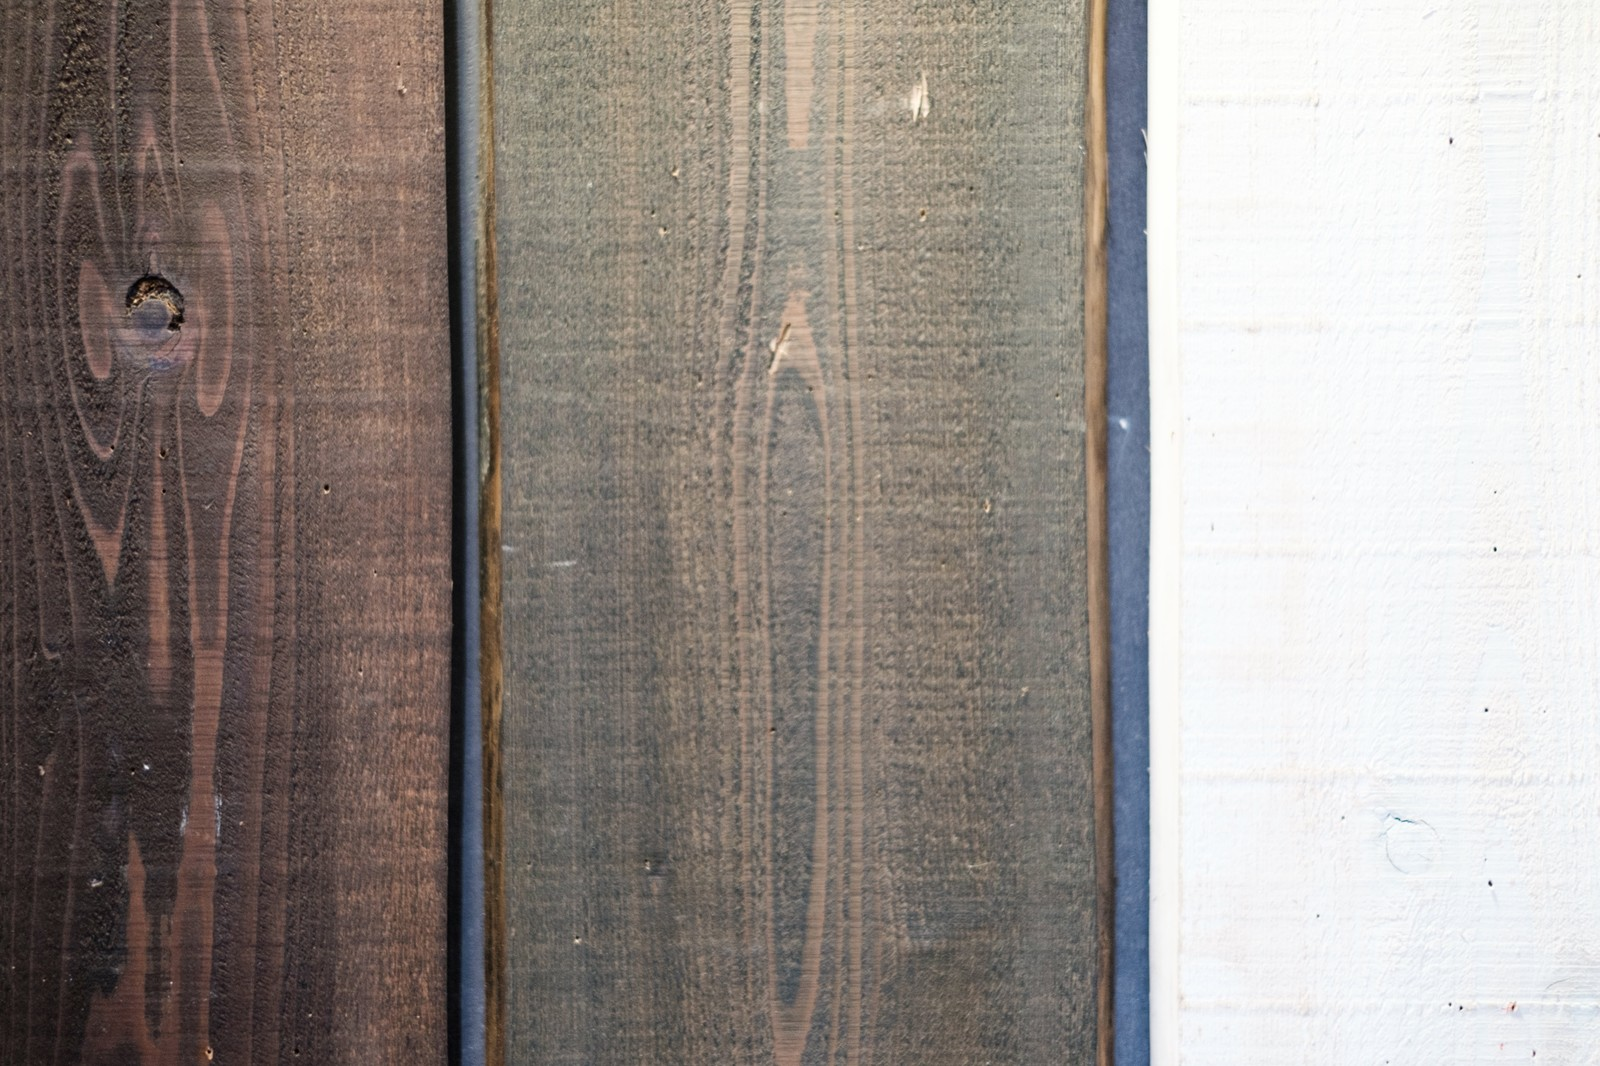 「塗装された木の板塗装された木の板」のフリー写真素材を拡大